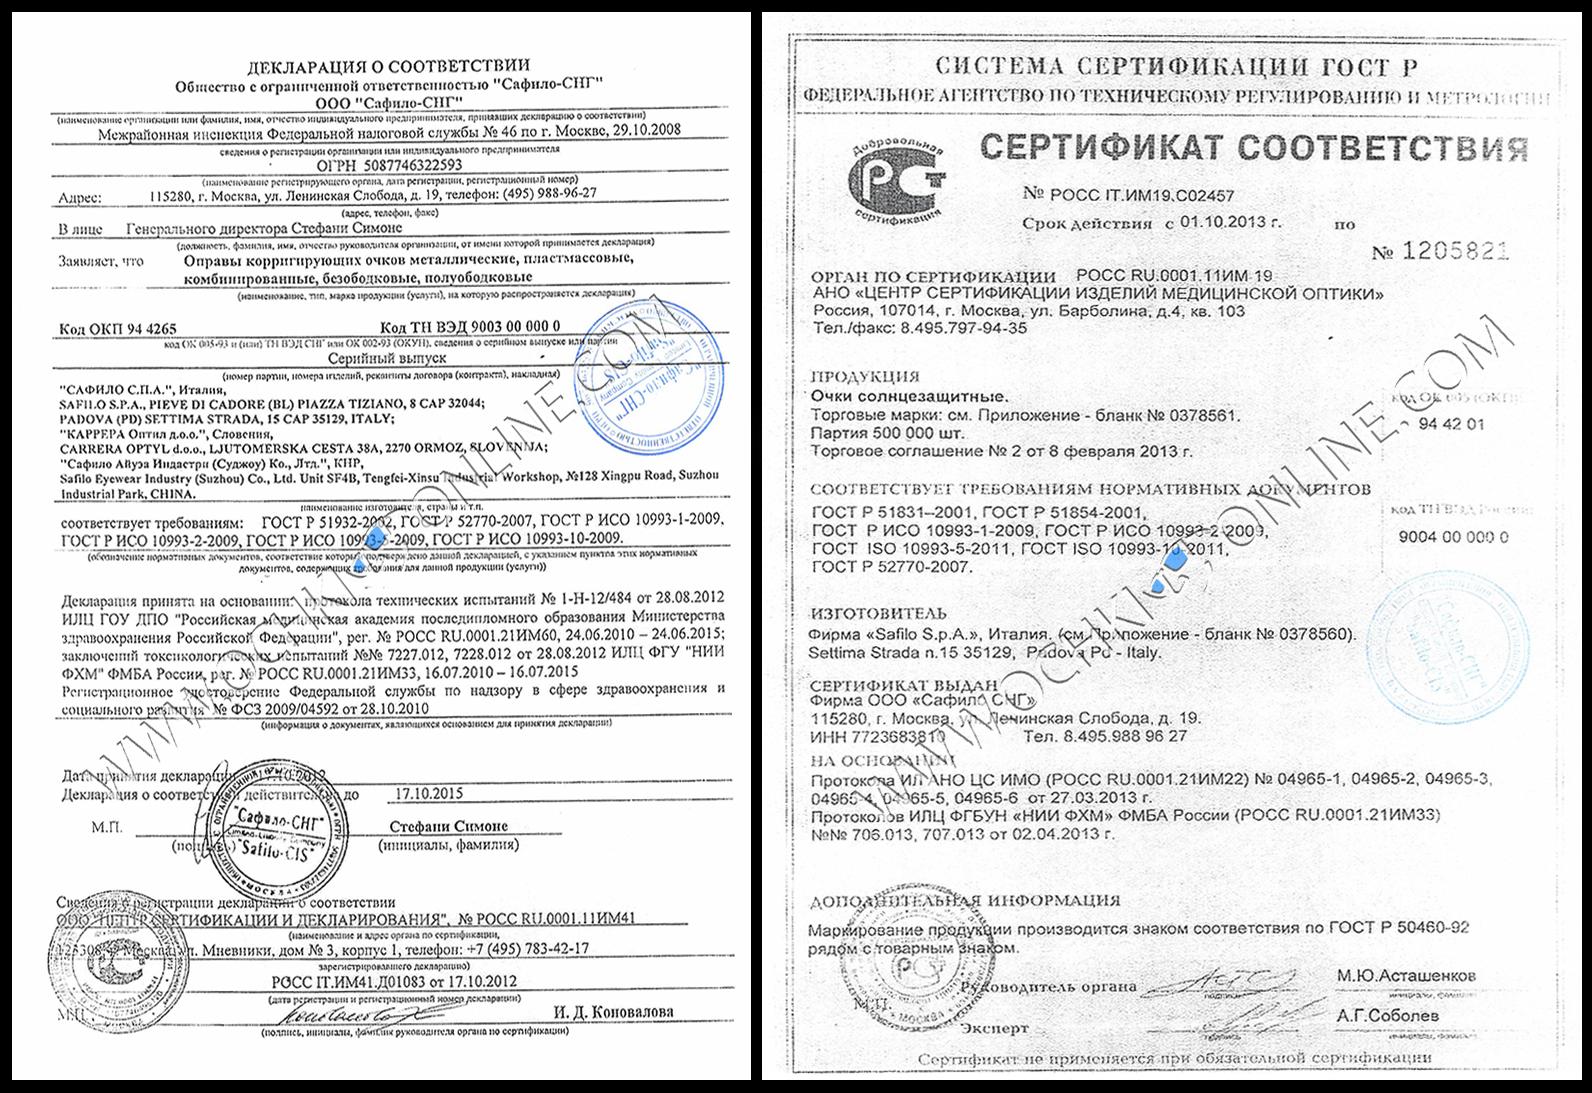 Сертификаты соответствия Safilo Group S.p.A.